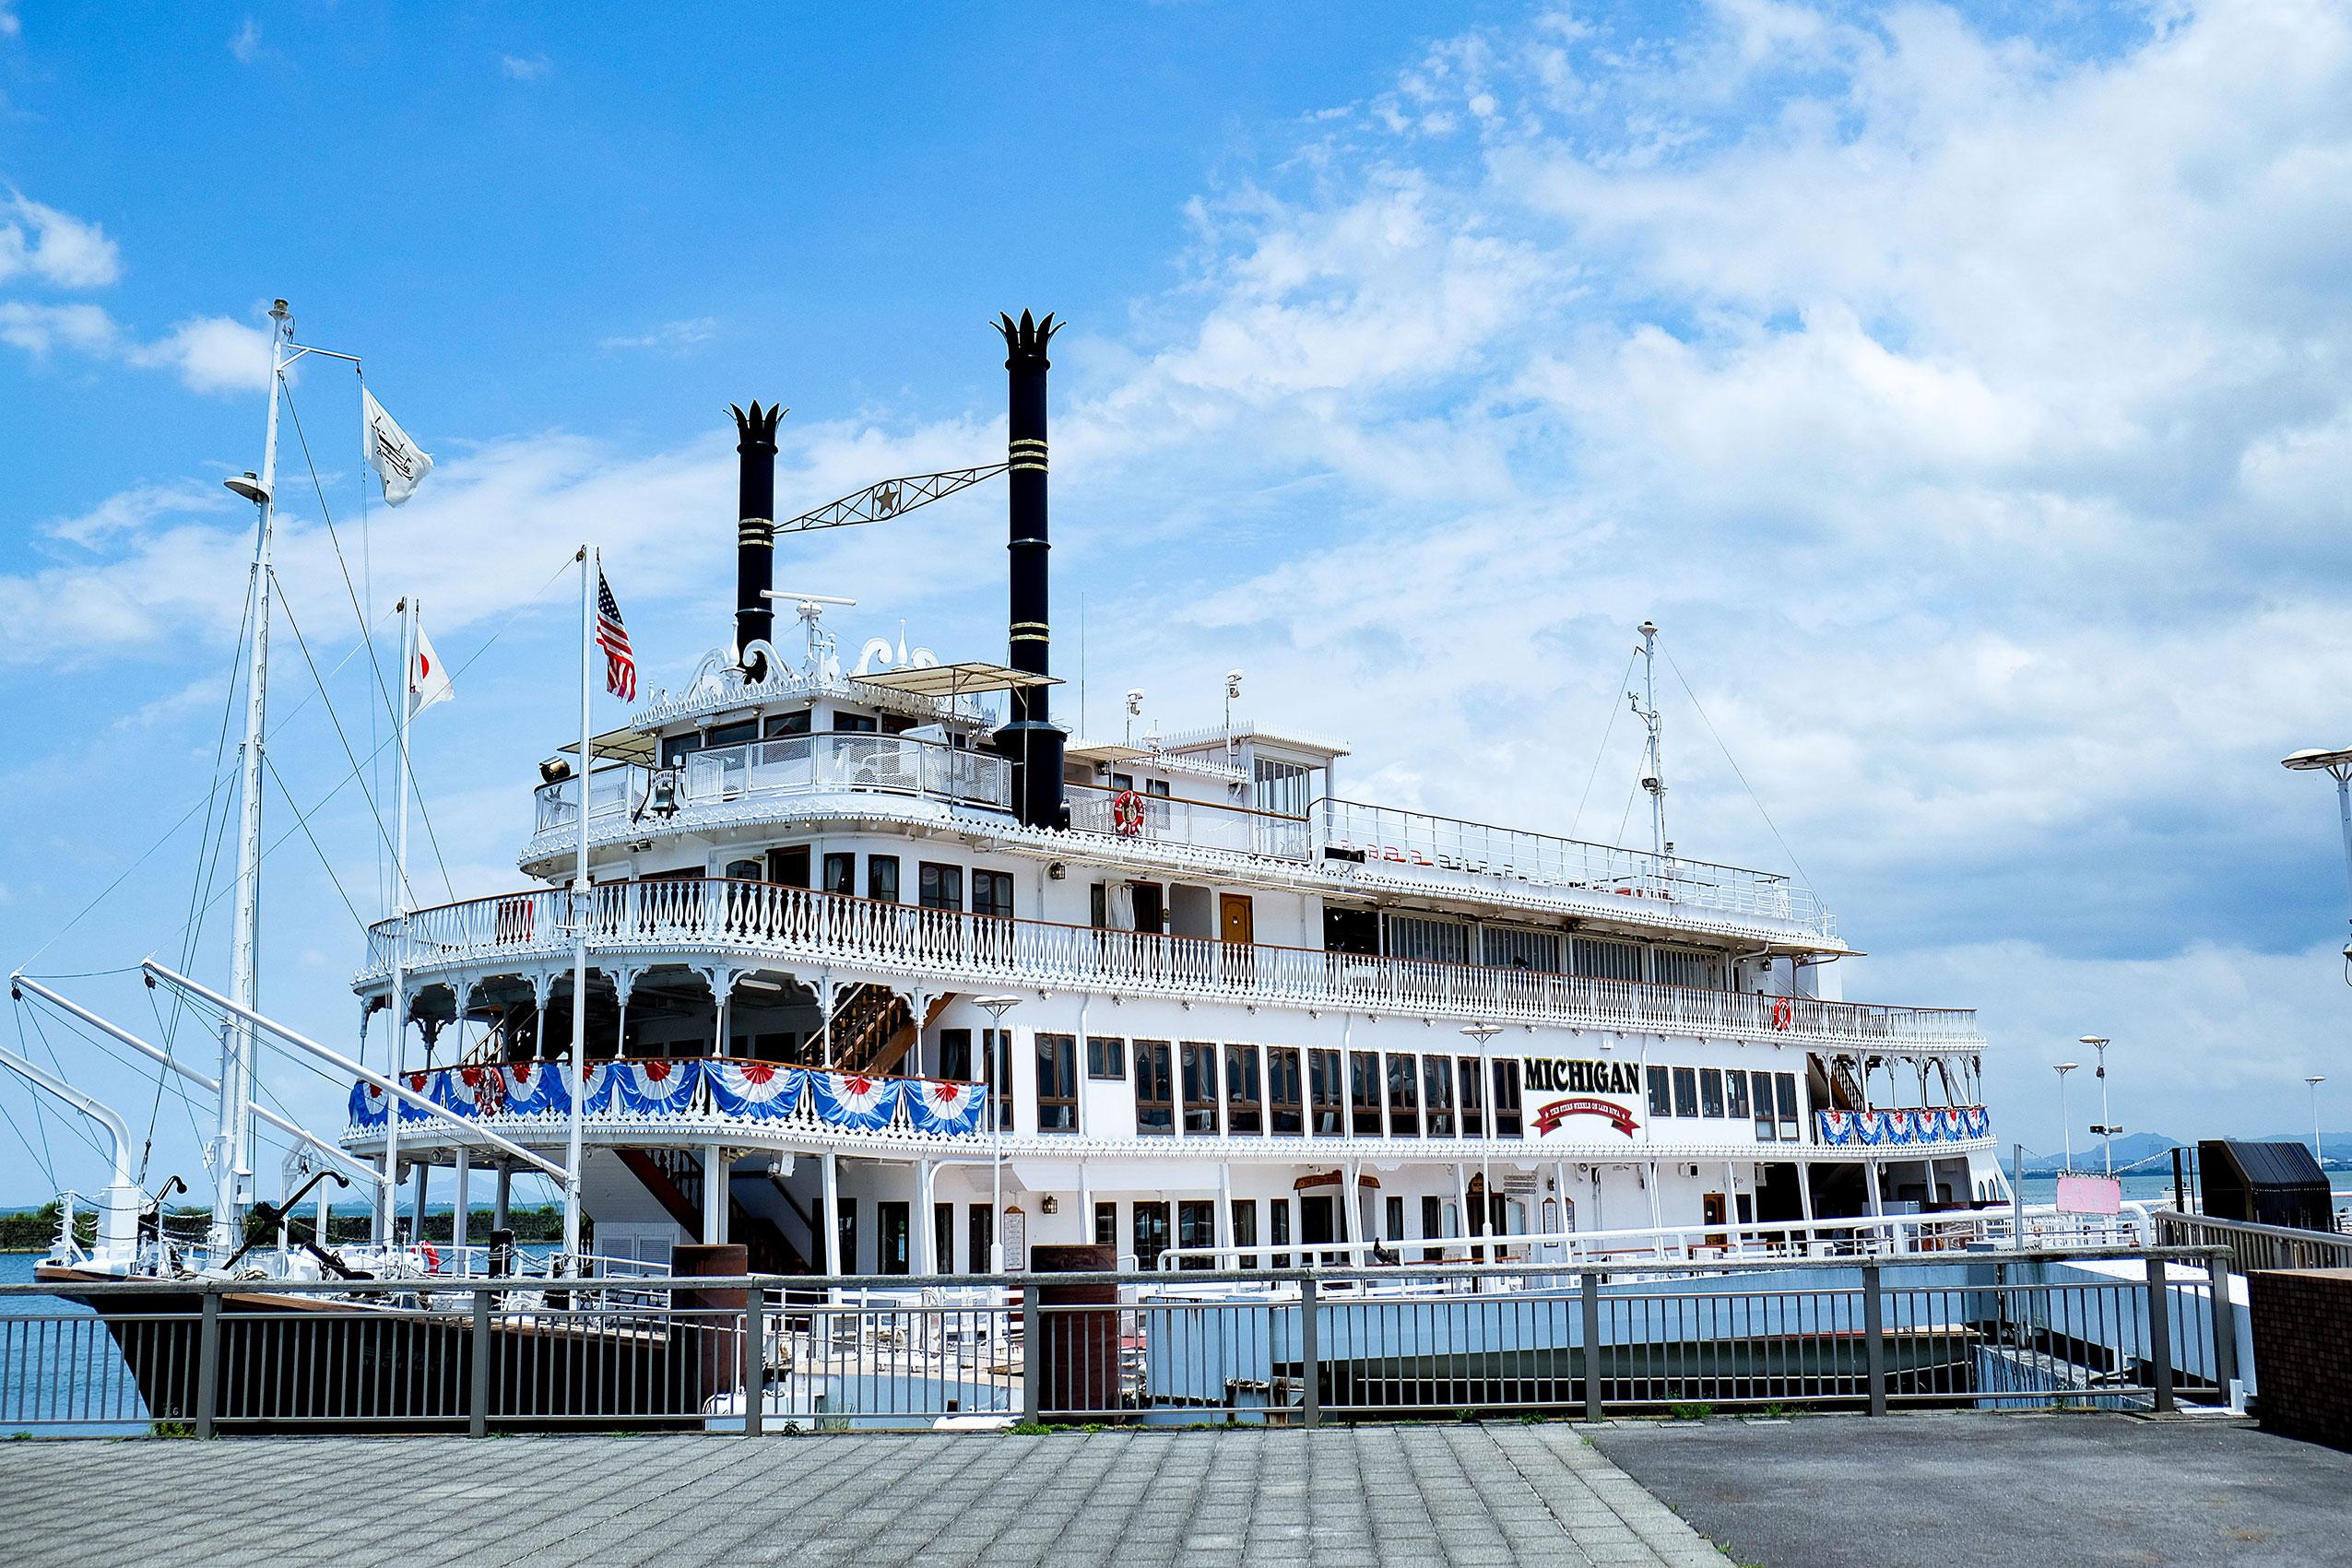 琵琶湖で人気の遊覧船「ミシガン」